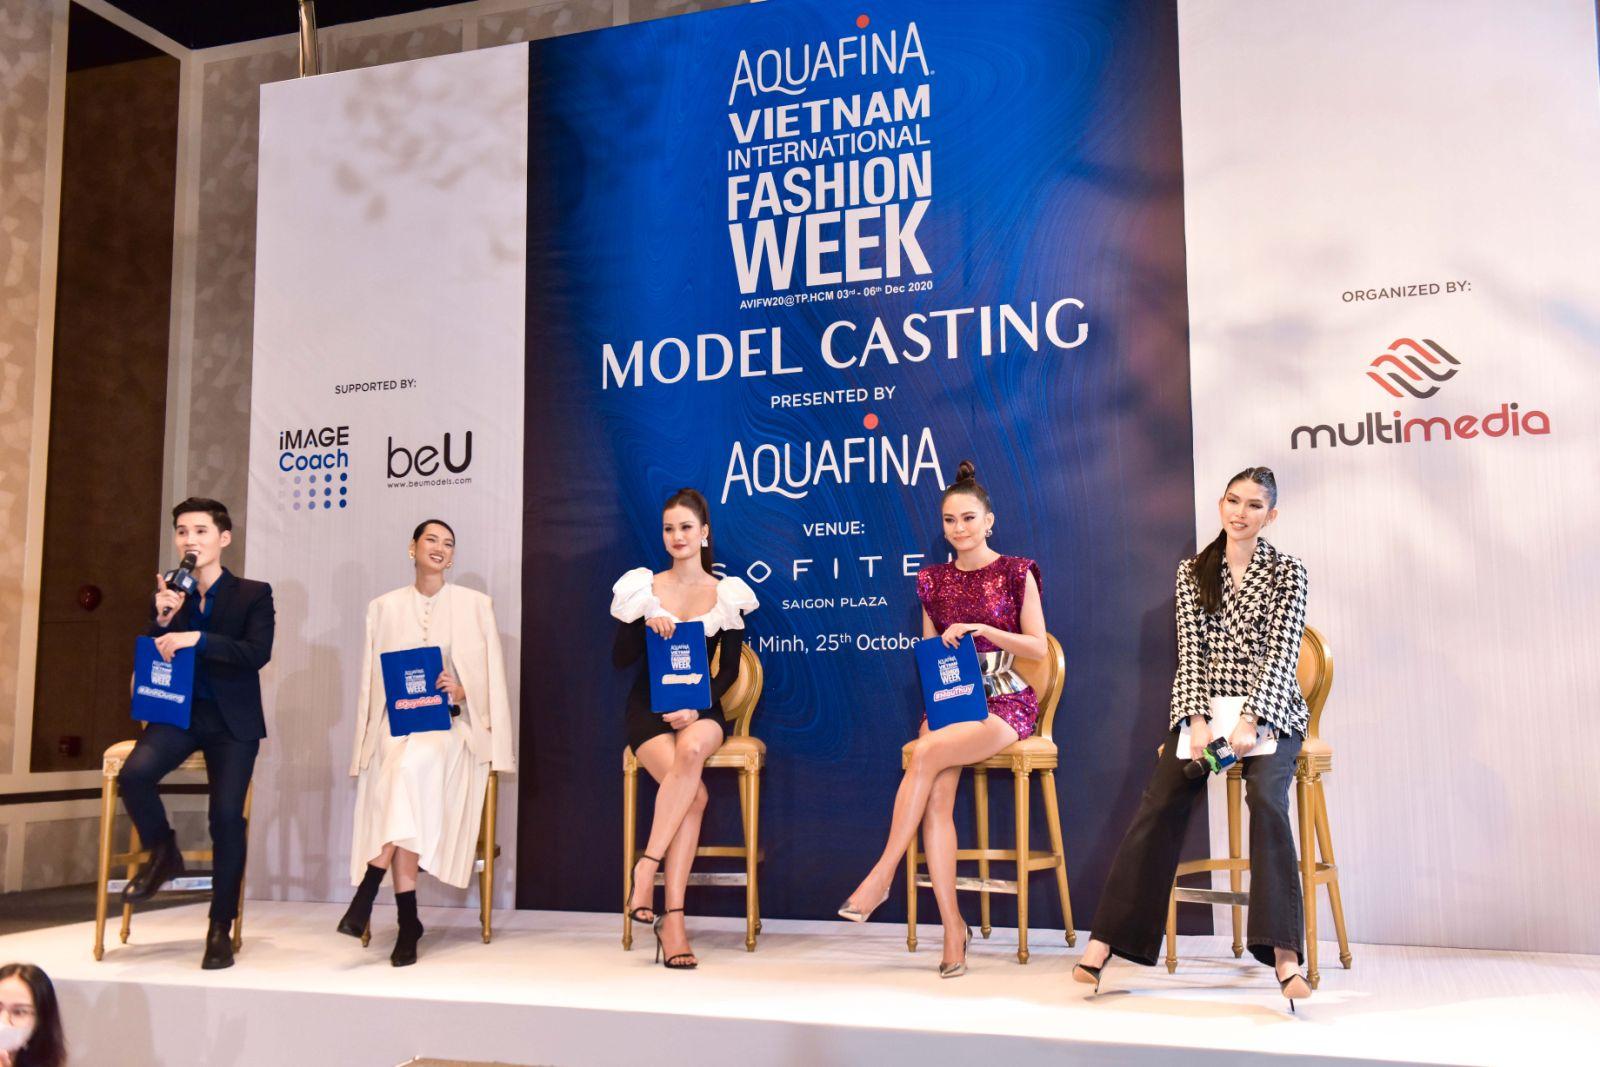 Đôi chân của Mâu Thủy chiếm chọn spotlight, lấn át cả quán quân Next Top Hương Ly tại buổi casting Tuần lễ thời trang Việt Nam 2020 - Ảnh 7.